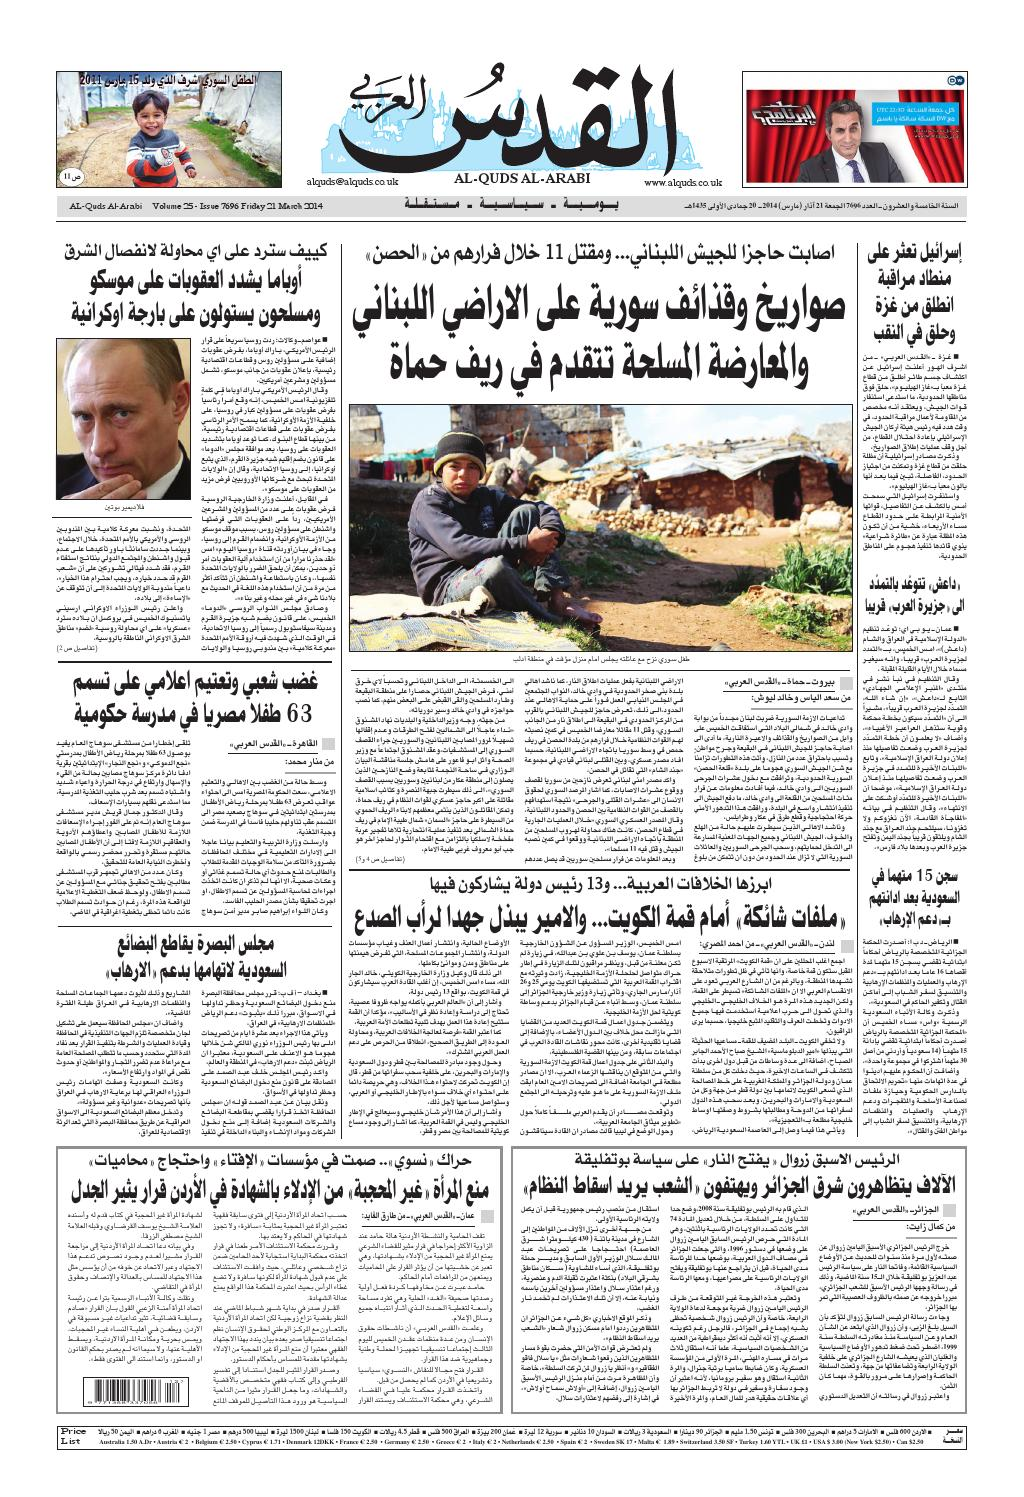 779fc415d صحيفة القدس العربي , الجمعة 21.03.2014 by مركز الحدث - issuu